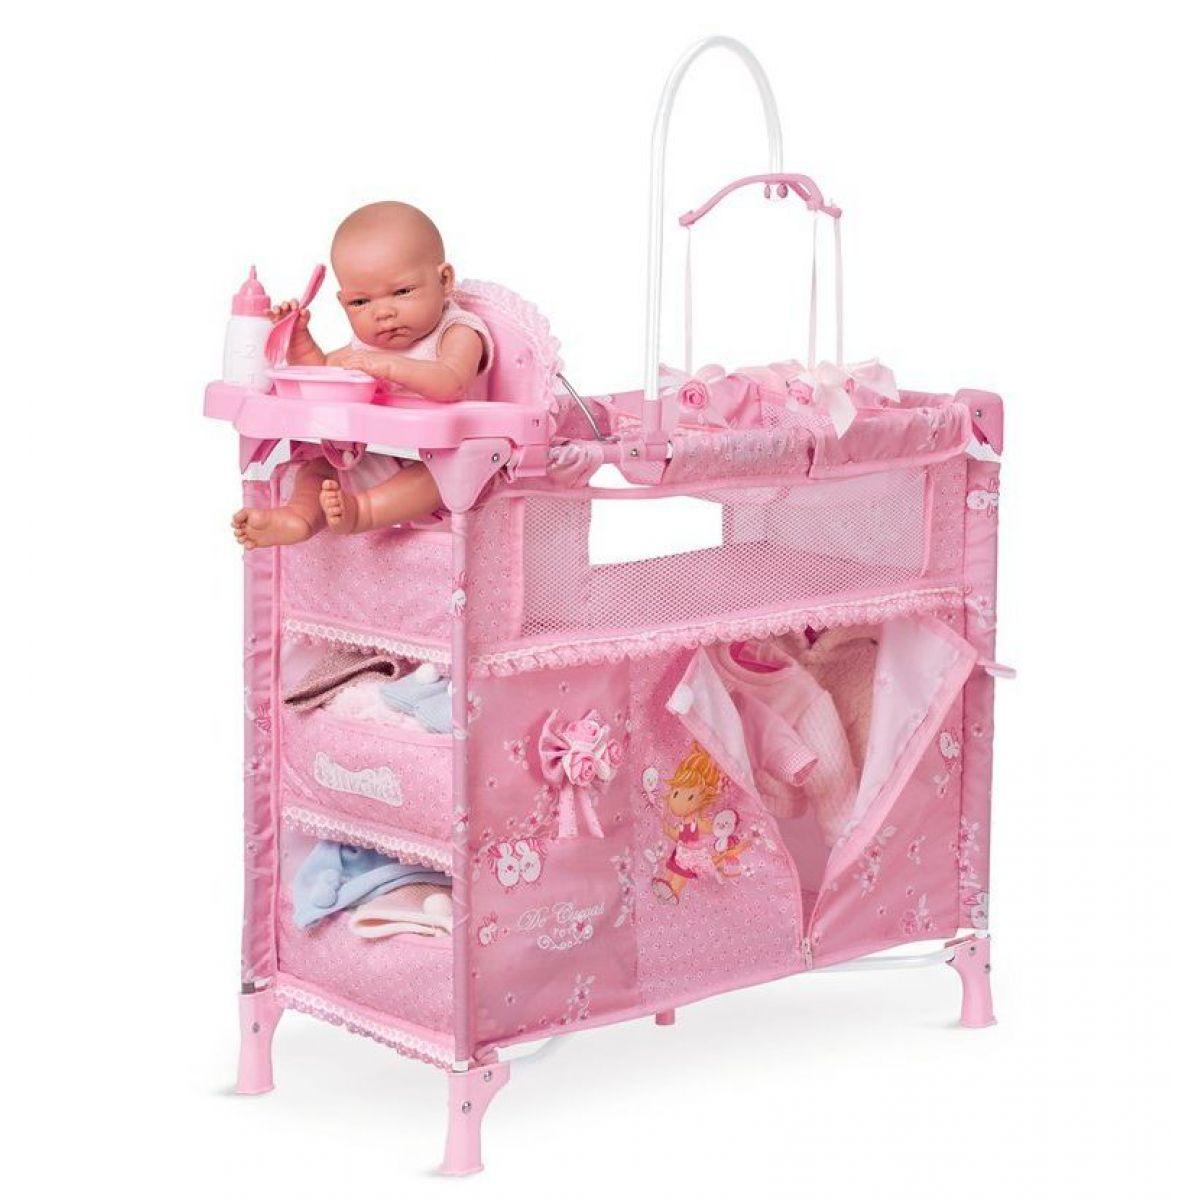 DeCueavas Skládací postýlka pro panenky s 5 funkčními doplňky Maria 2018